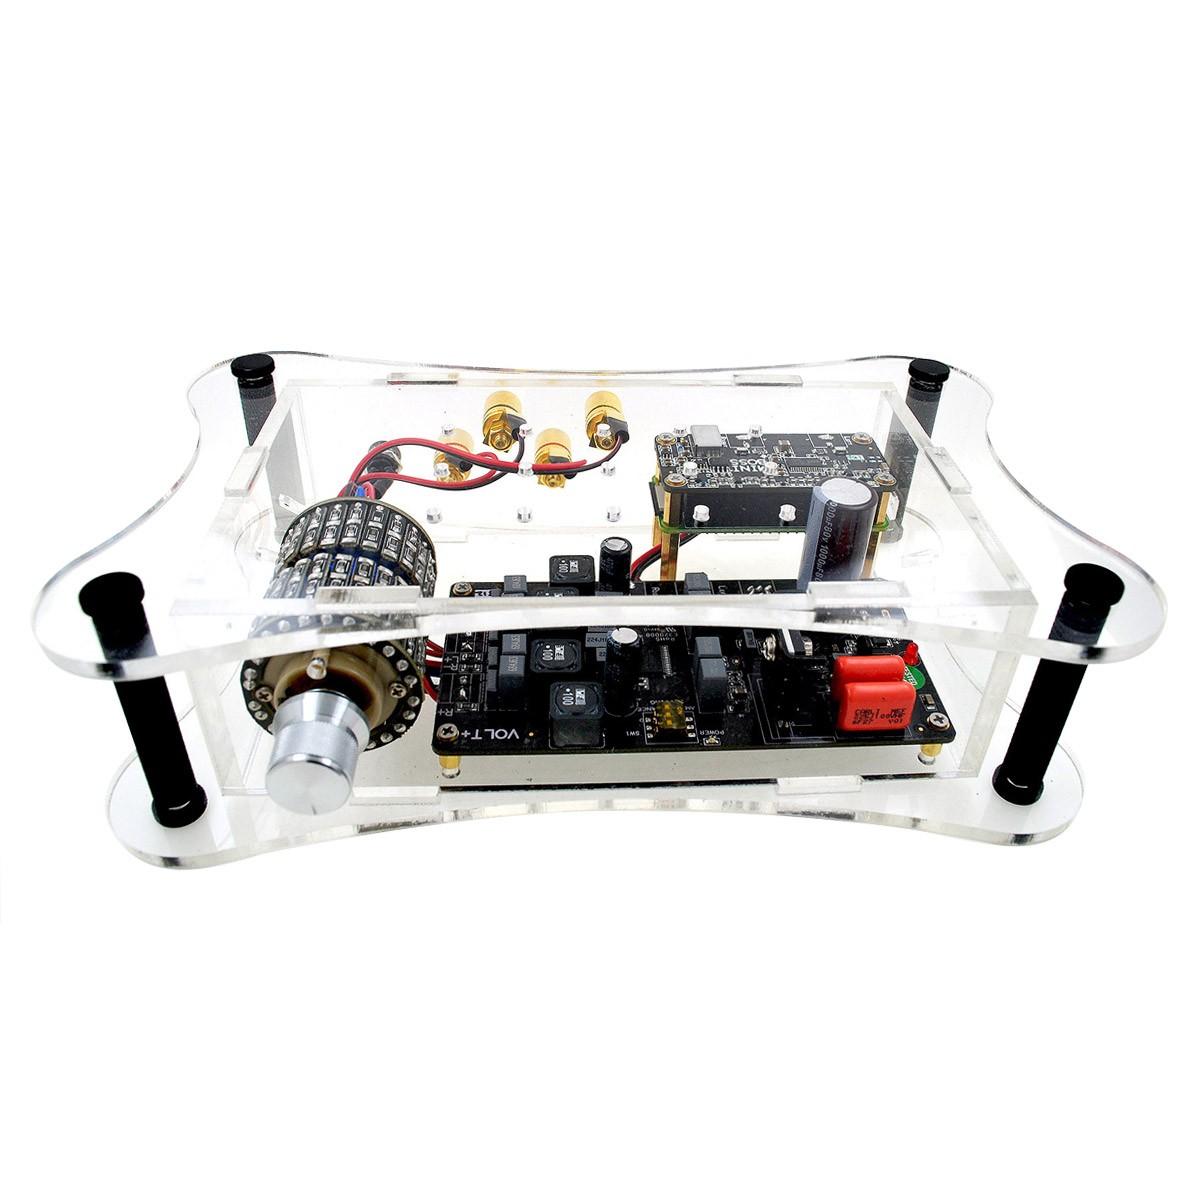 MINIBOSS PLAYER PLUS Lecteur Réseau Volumio avec Amplificateur et DAC 32bit 384kHz